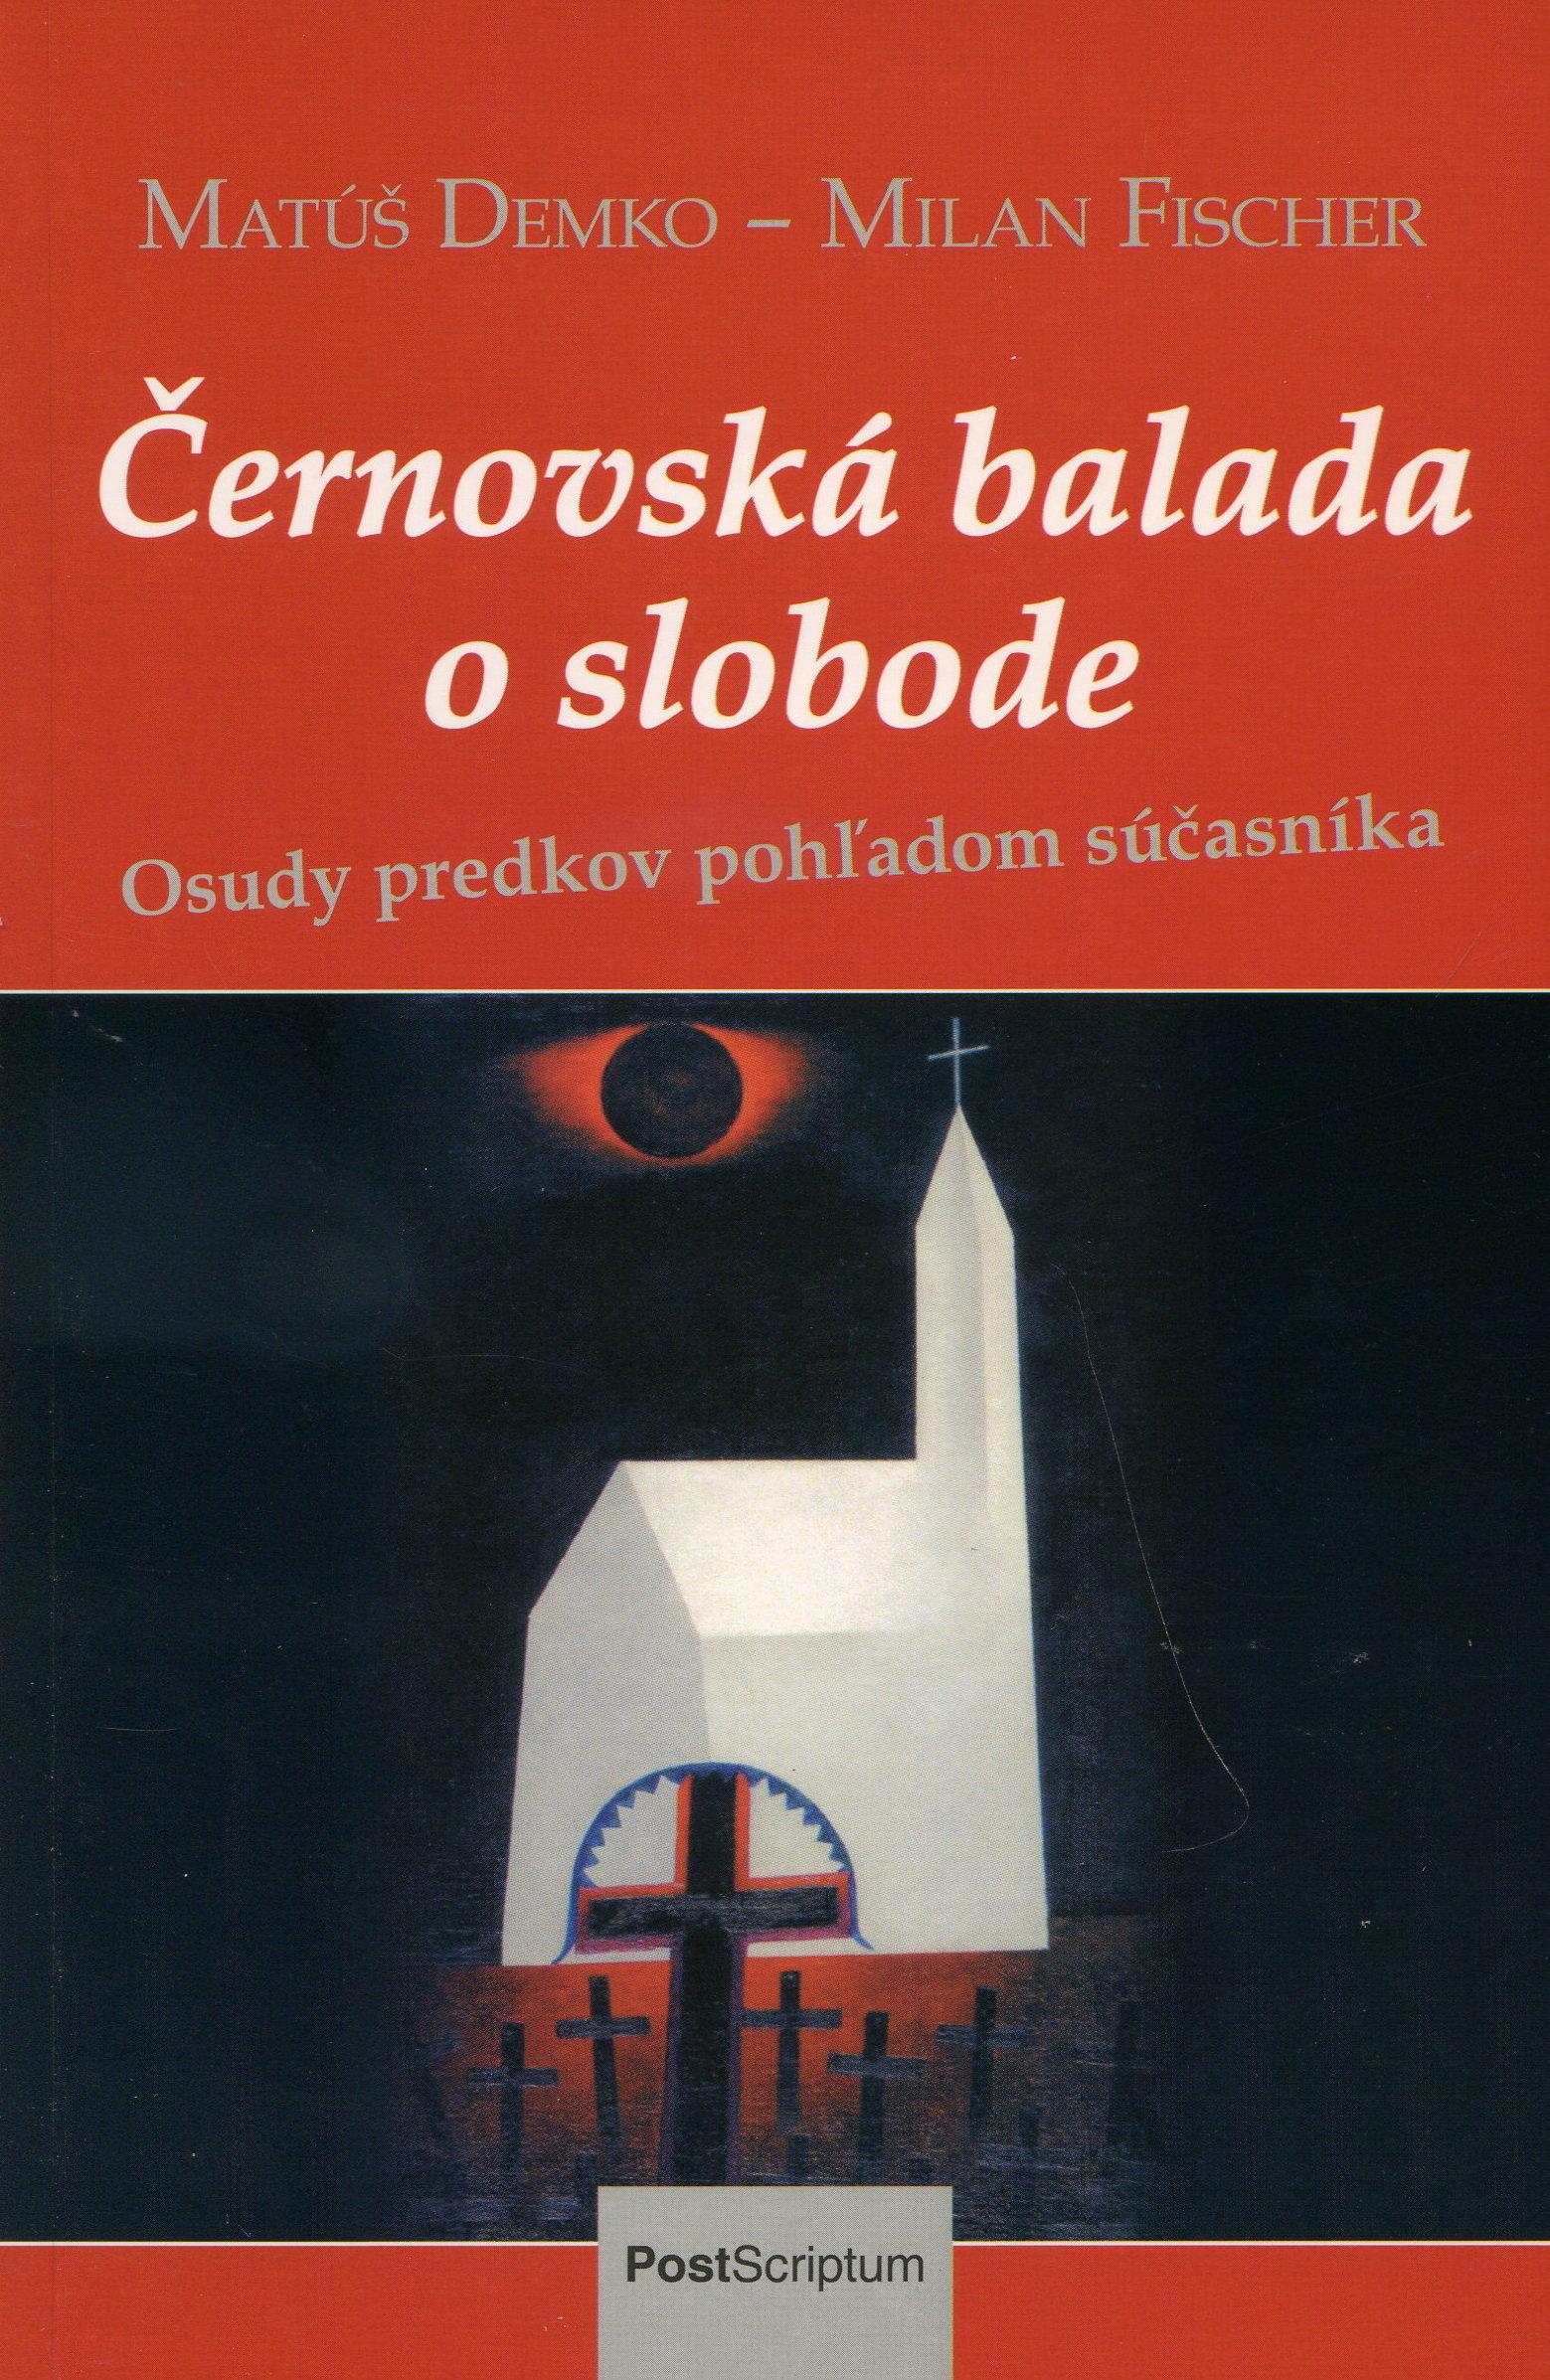 Černovská balada o slobode - Osudy predkov pohľadom súčasníka